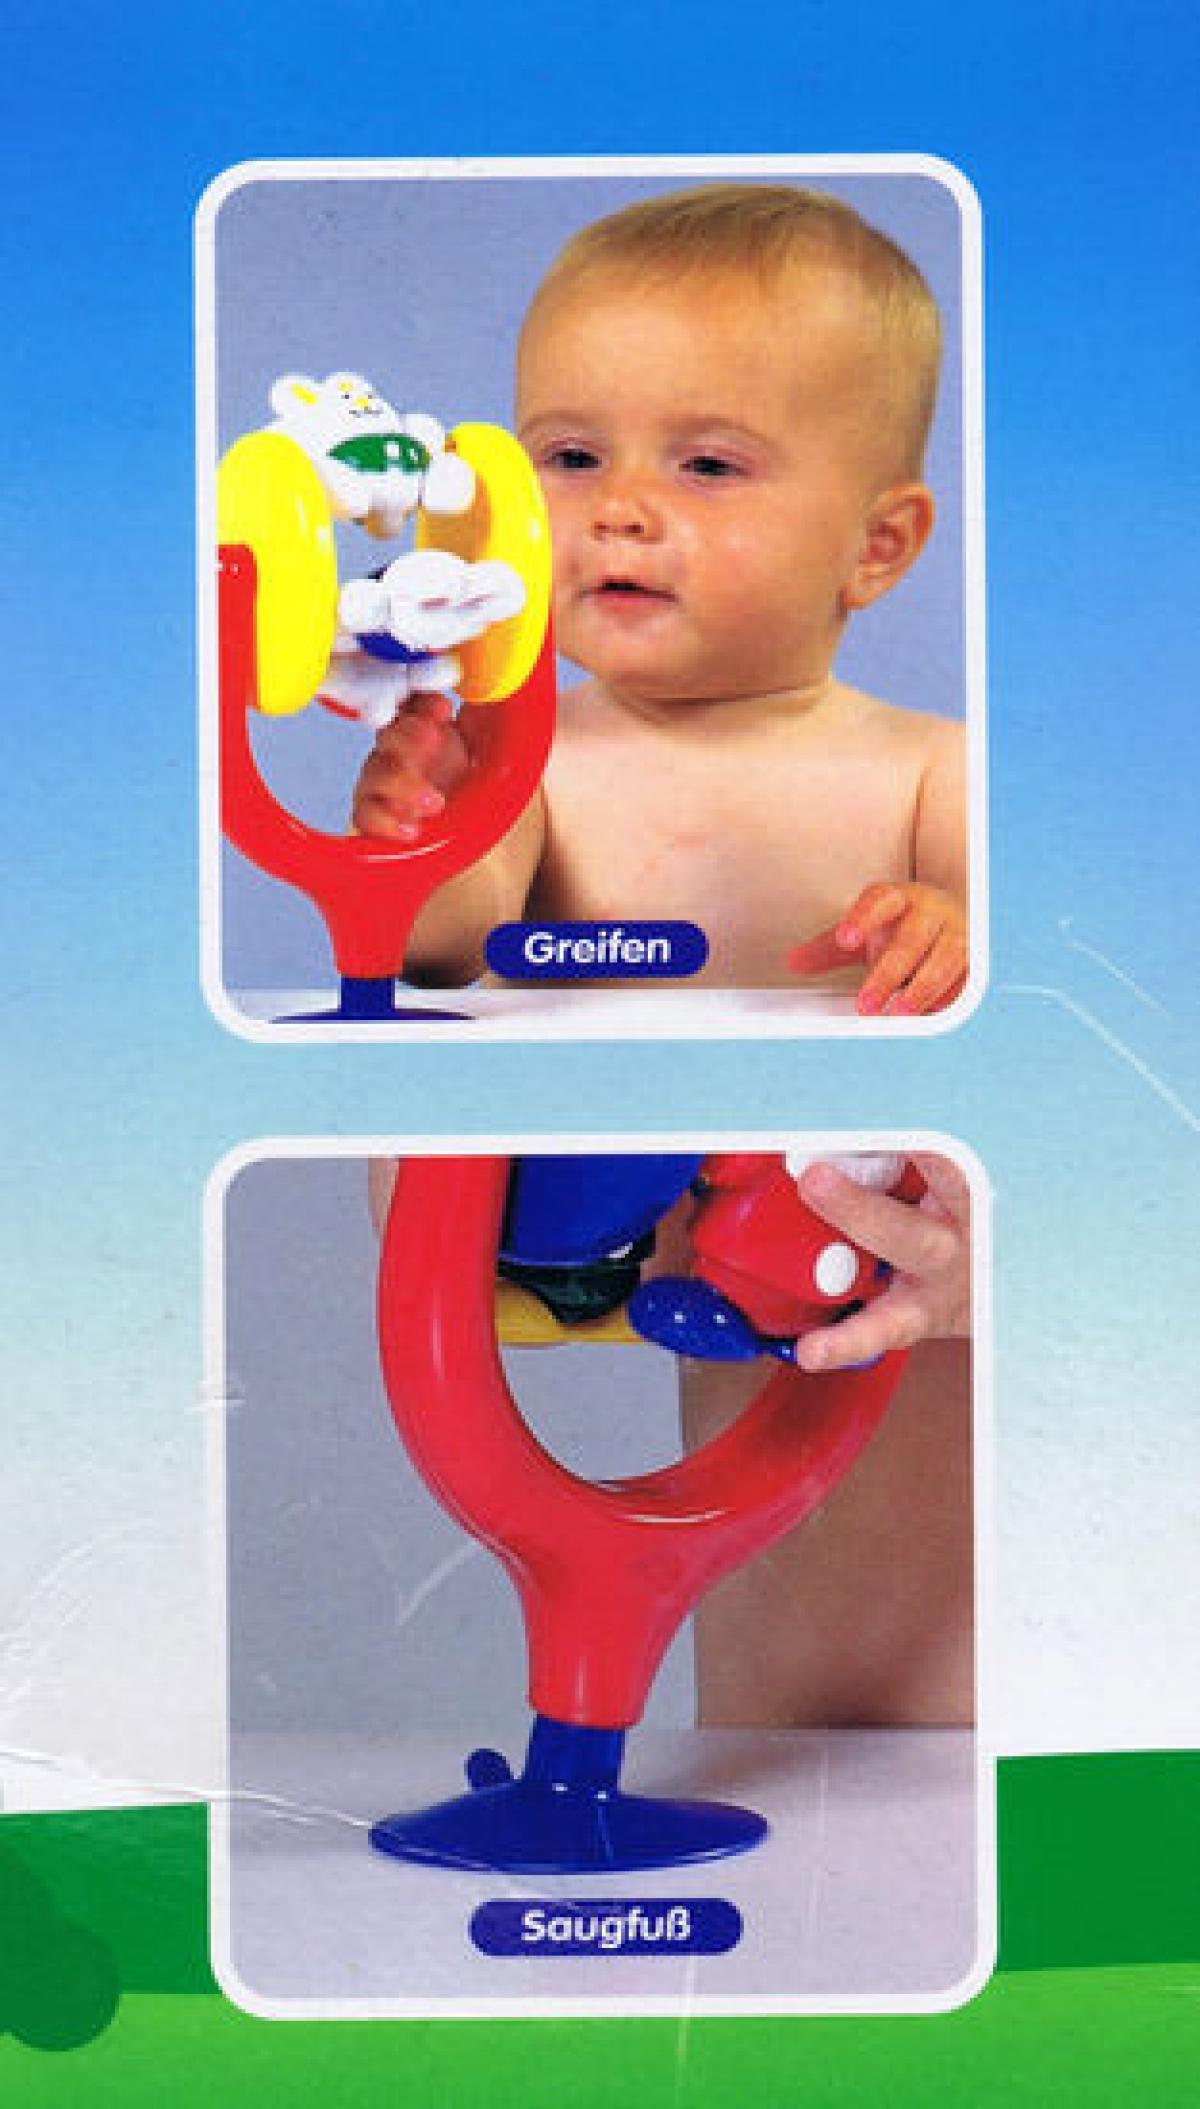 Preissturz tolo baby clown karussell drehbare babyrassel